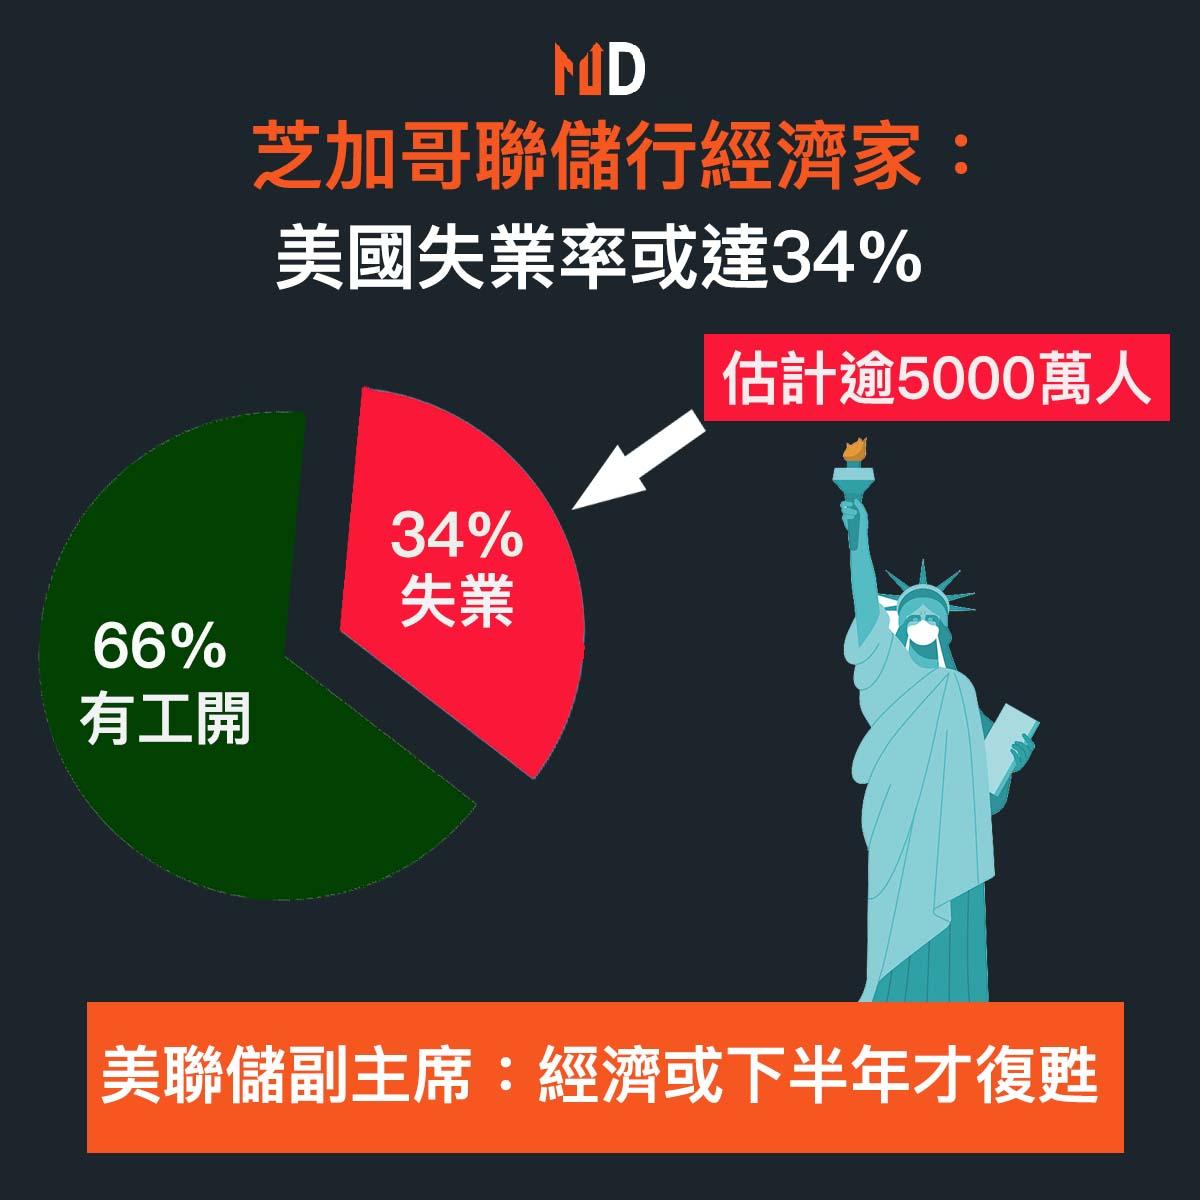 【#市場熱話】芝加哥聯儲行經濟家:官方失業率或統計不足,估計疫情失業率達34%